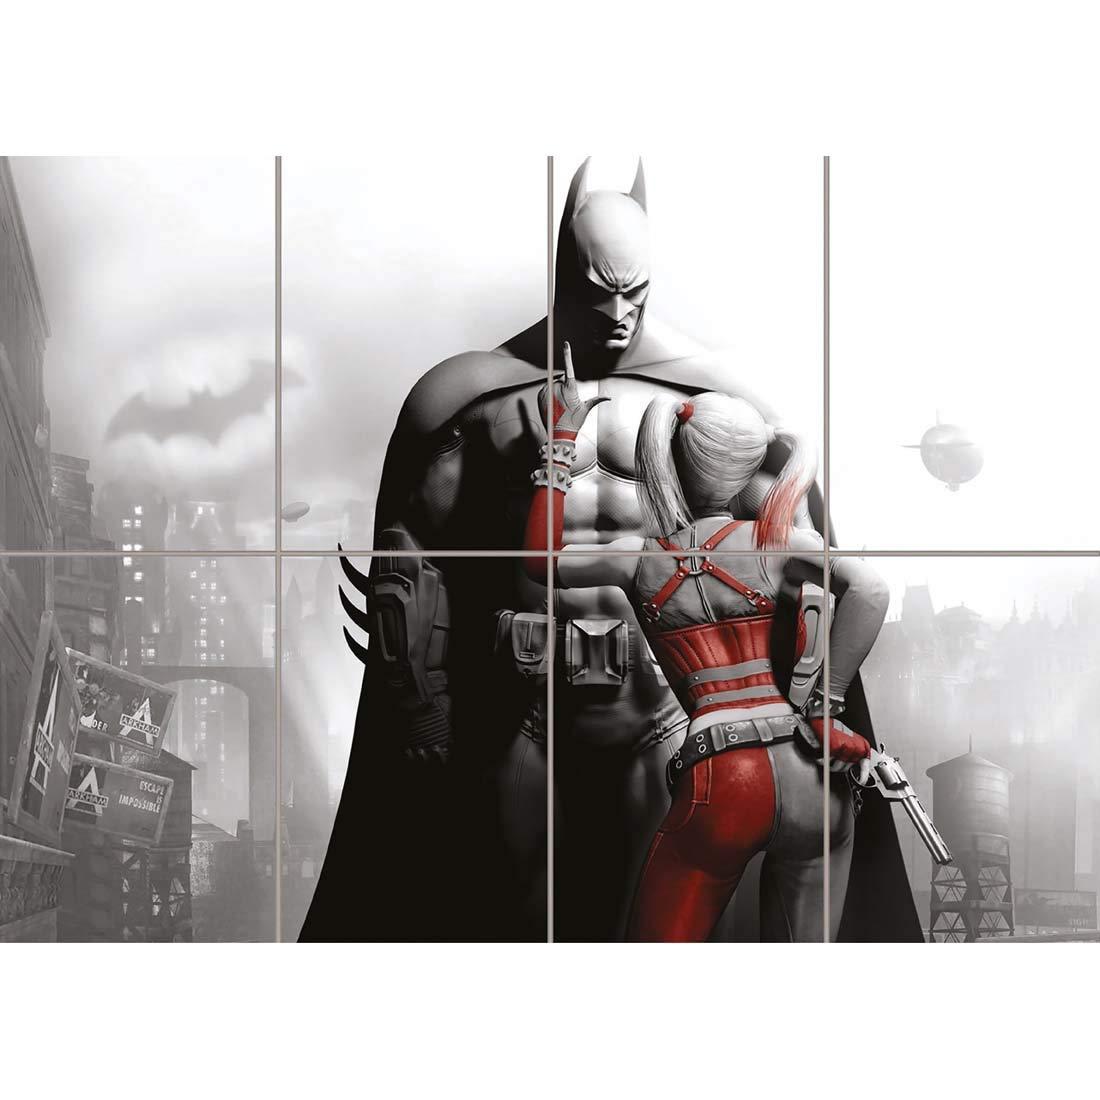 Doppelganger33 LTD Batman and Harley Quinn Poster - Comic Giant Art Print ST563